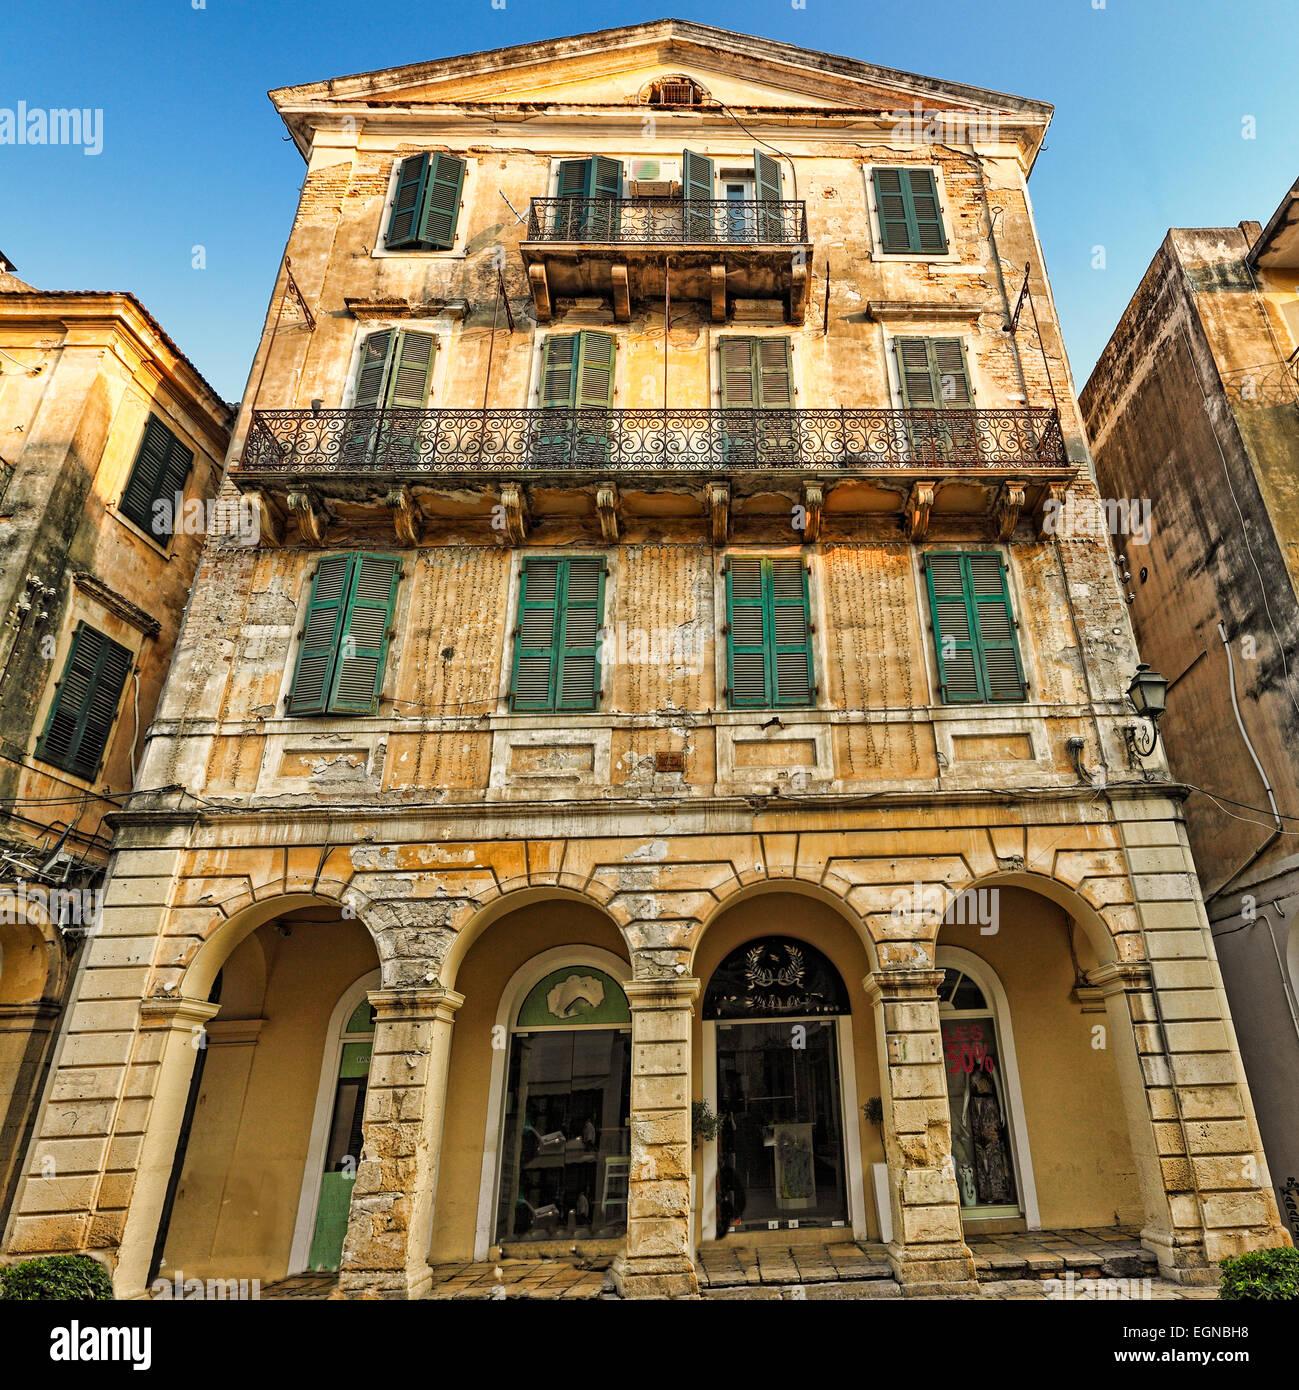 Un bâtiment à la vieille ville de Corfou, Grèce Photo Stock